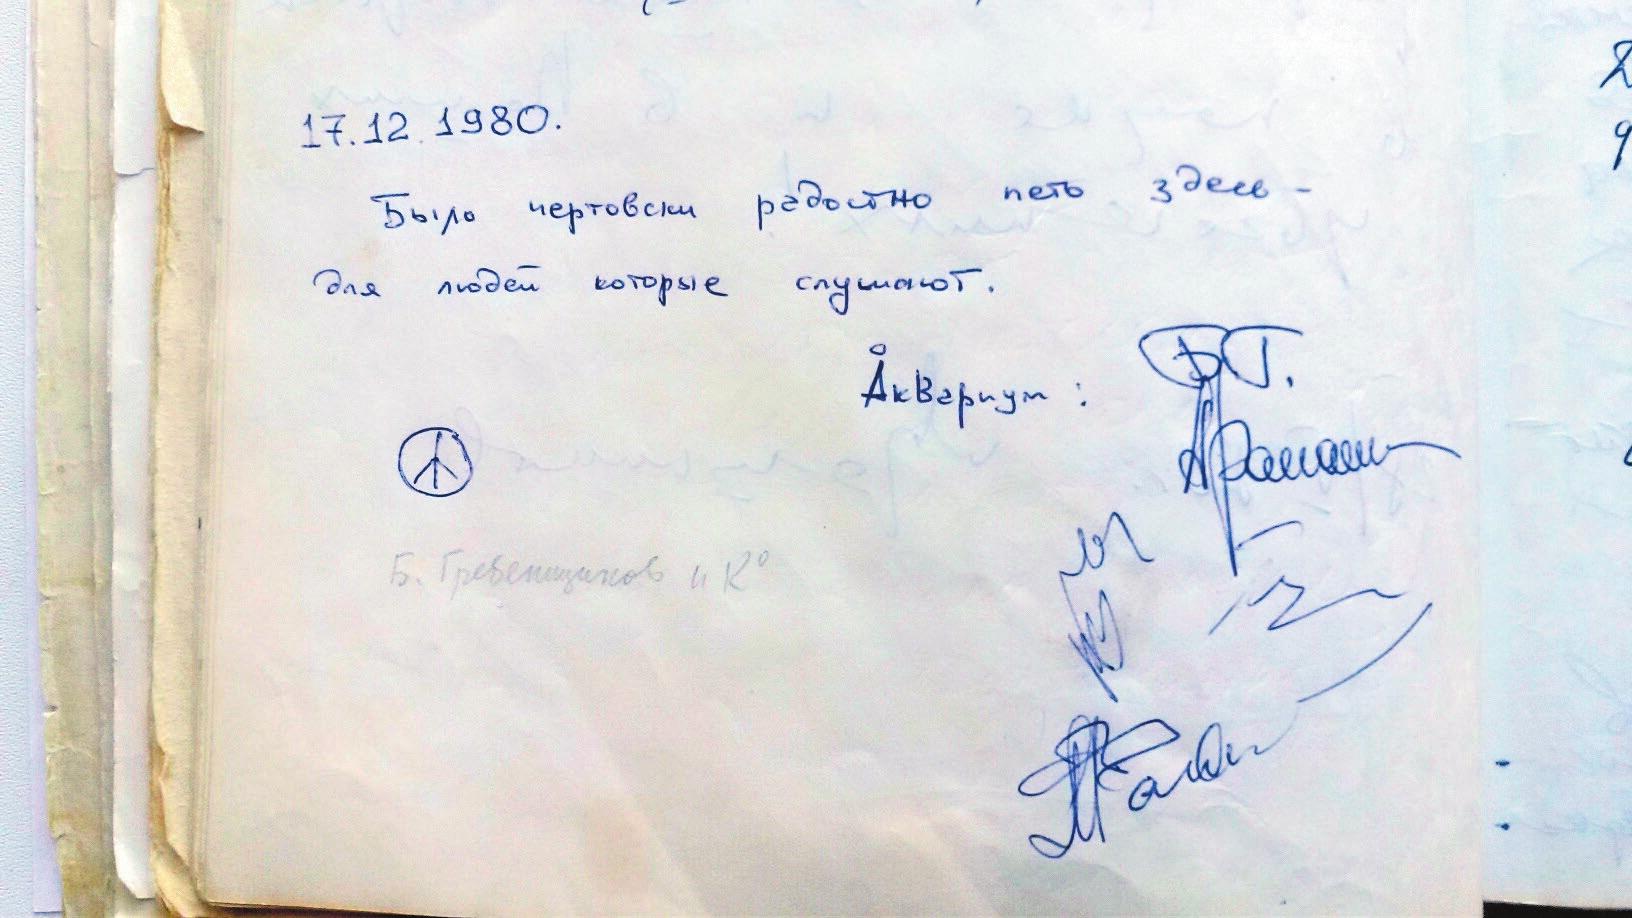 Автограф БГ и «Аквариума» в книге отзывов кафе «Молекула» после концерта в ИВС РАН 17 декабря 1980 года